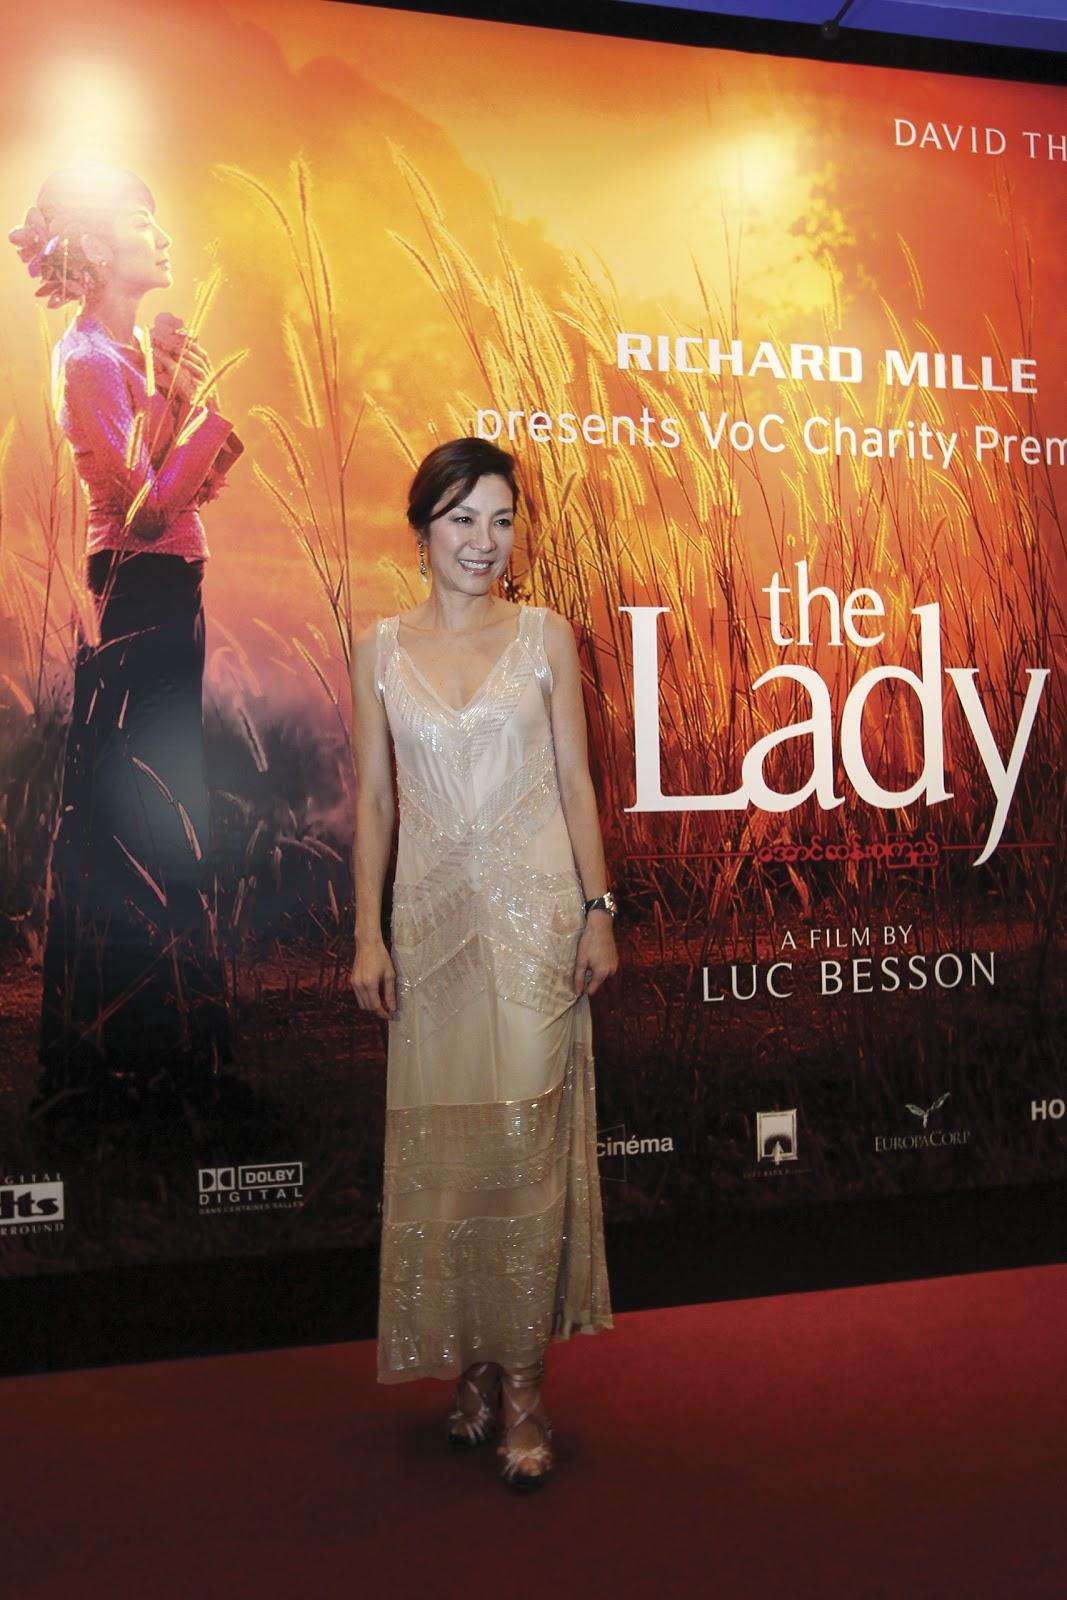 http://2.bp.blogspot.com/-lfz6jmDv8ec/T7ZQm-SwzAI/AAAAAAAAokw/zhifEL2eMXY/s1600/The_Lady_Charity_Movie_Premiere-Kuala_Lumpur-2012_(2).jpg